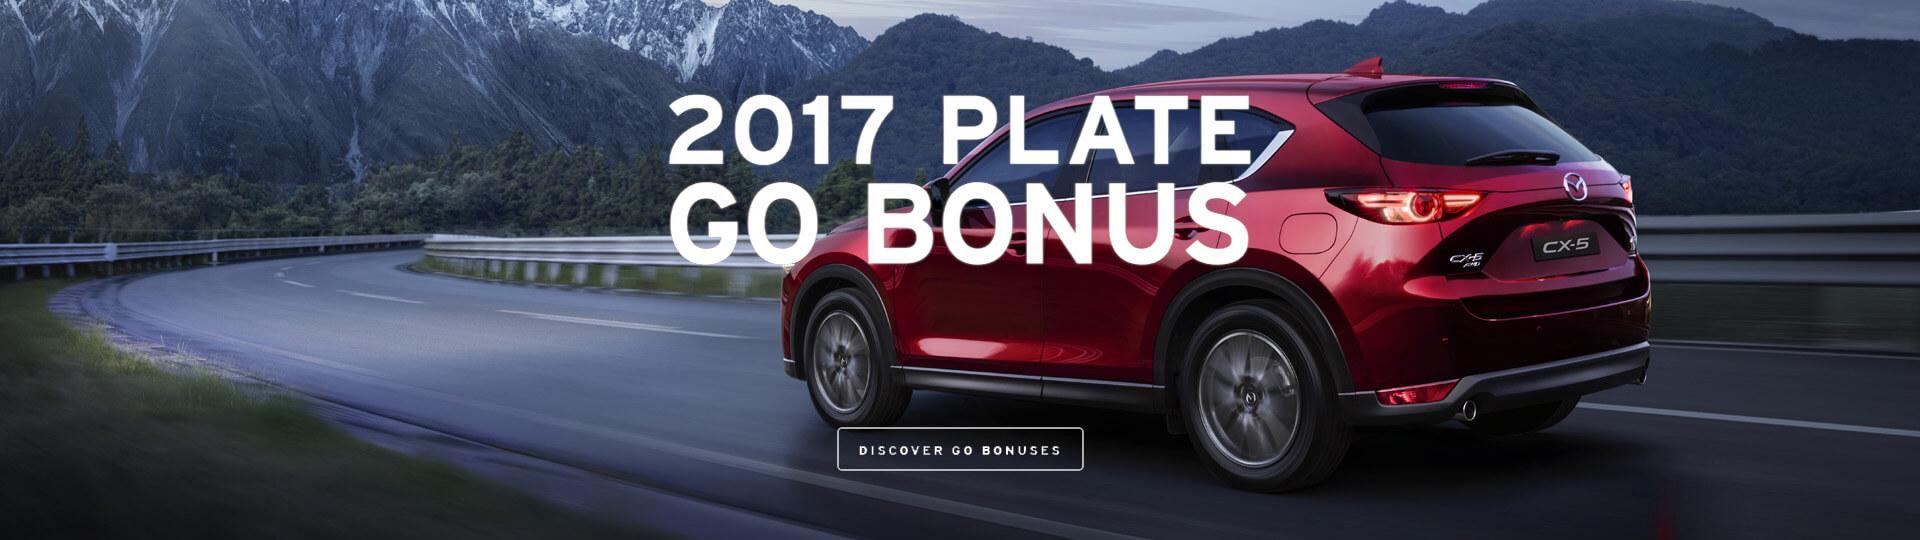 March Offer - Go Bonus